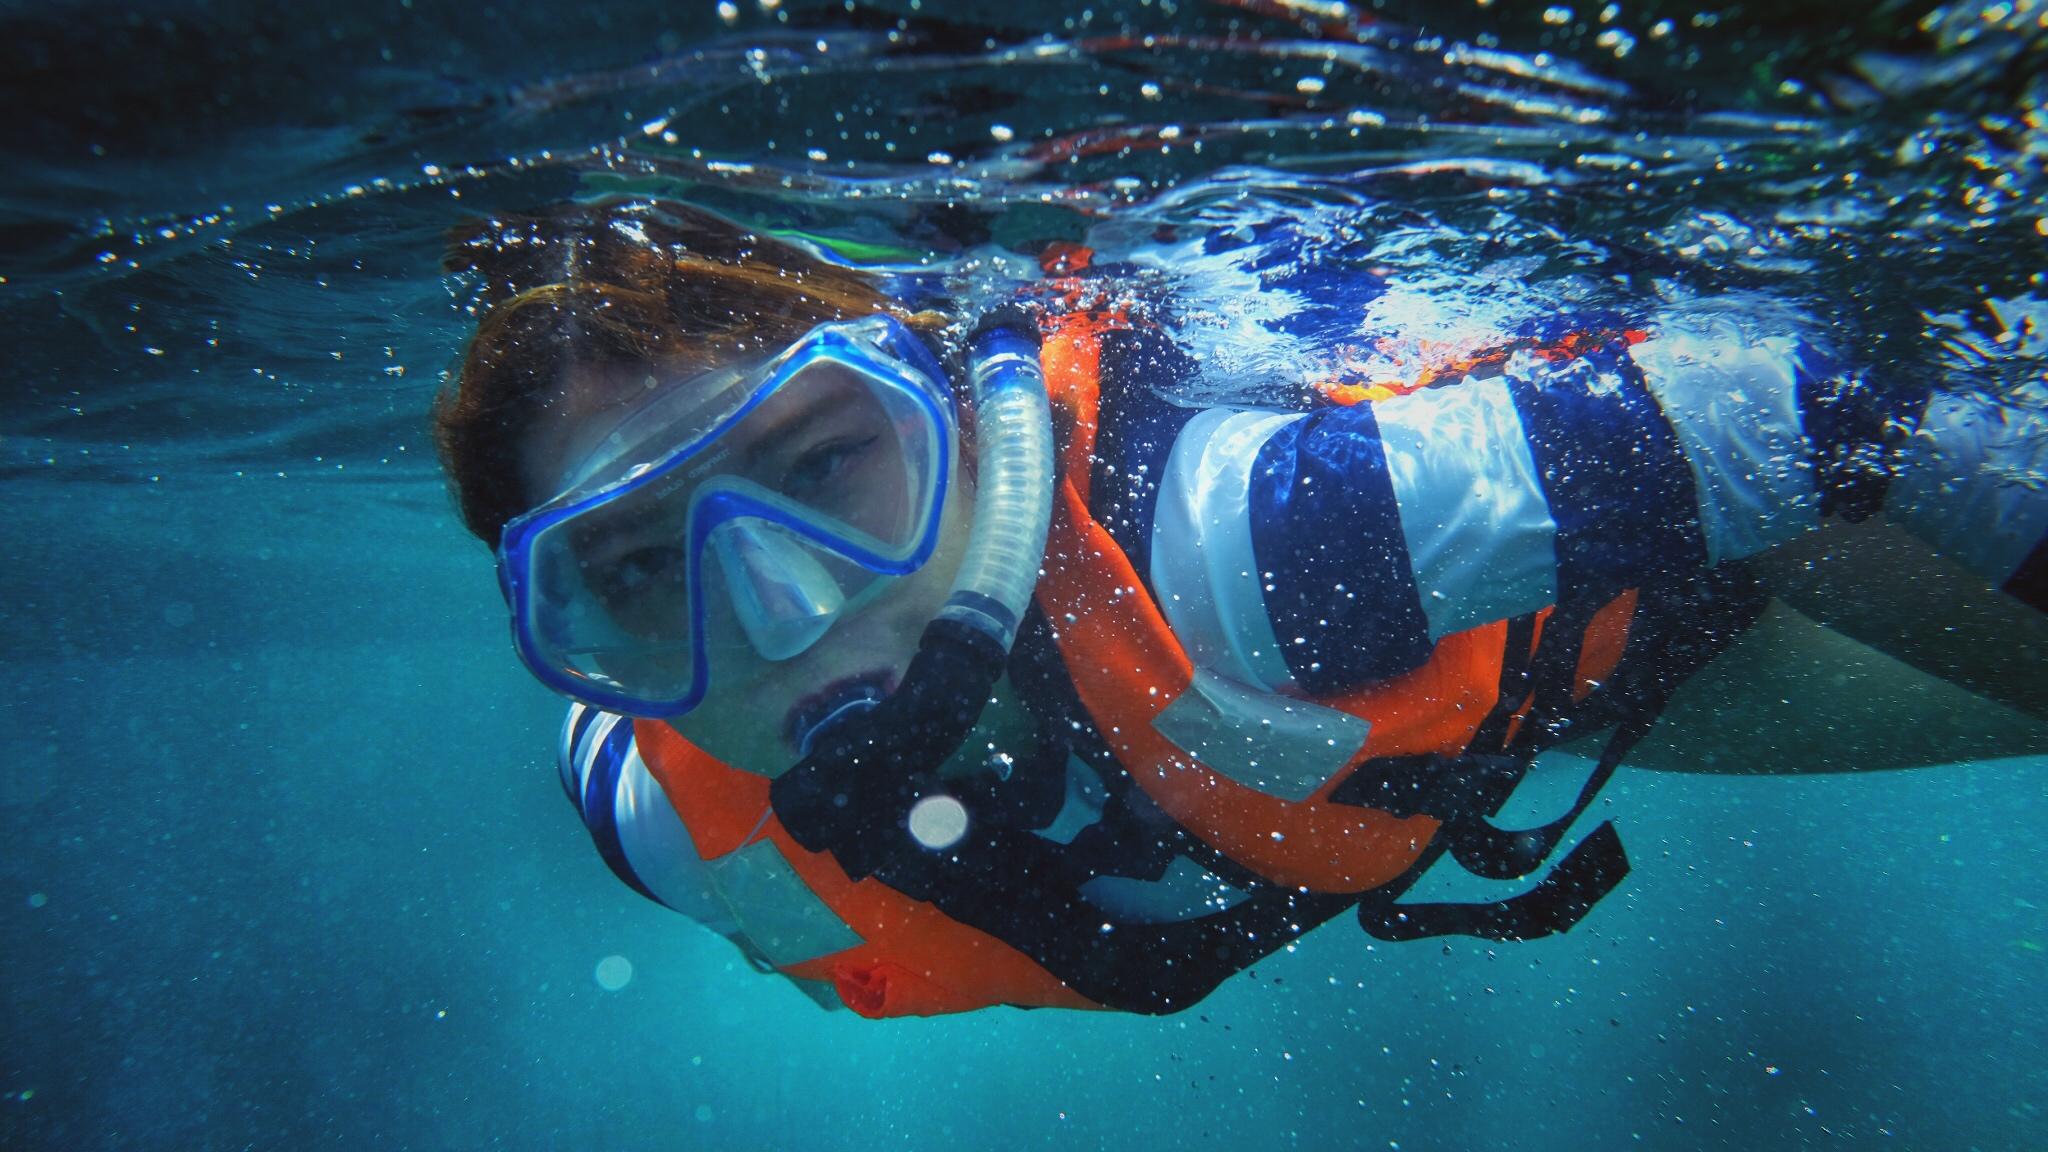 酷玩沙巴——浮潜,窥探沙巴的迷幻海底世界